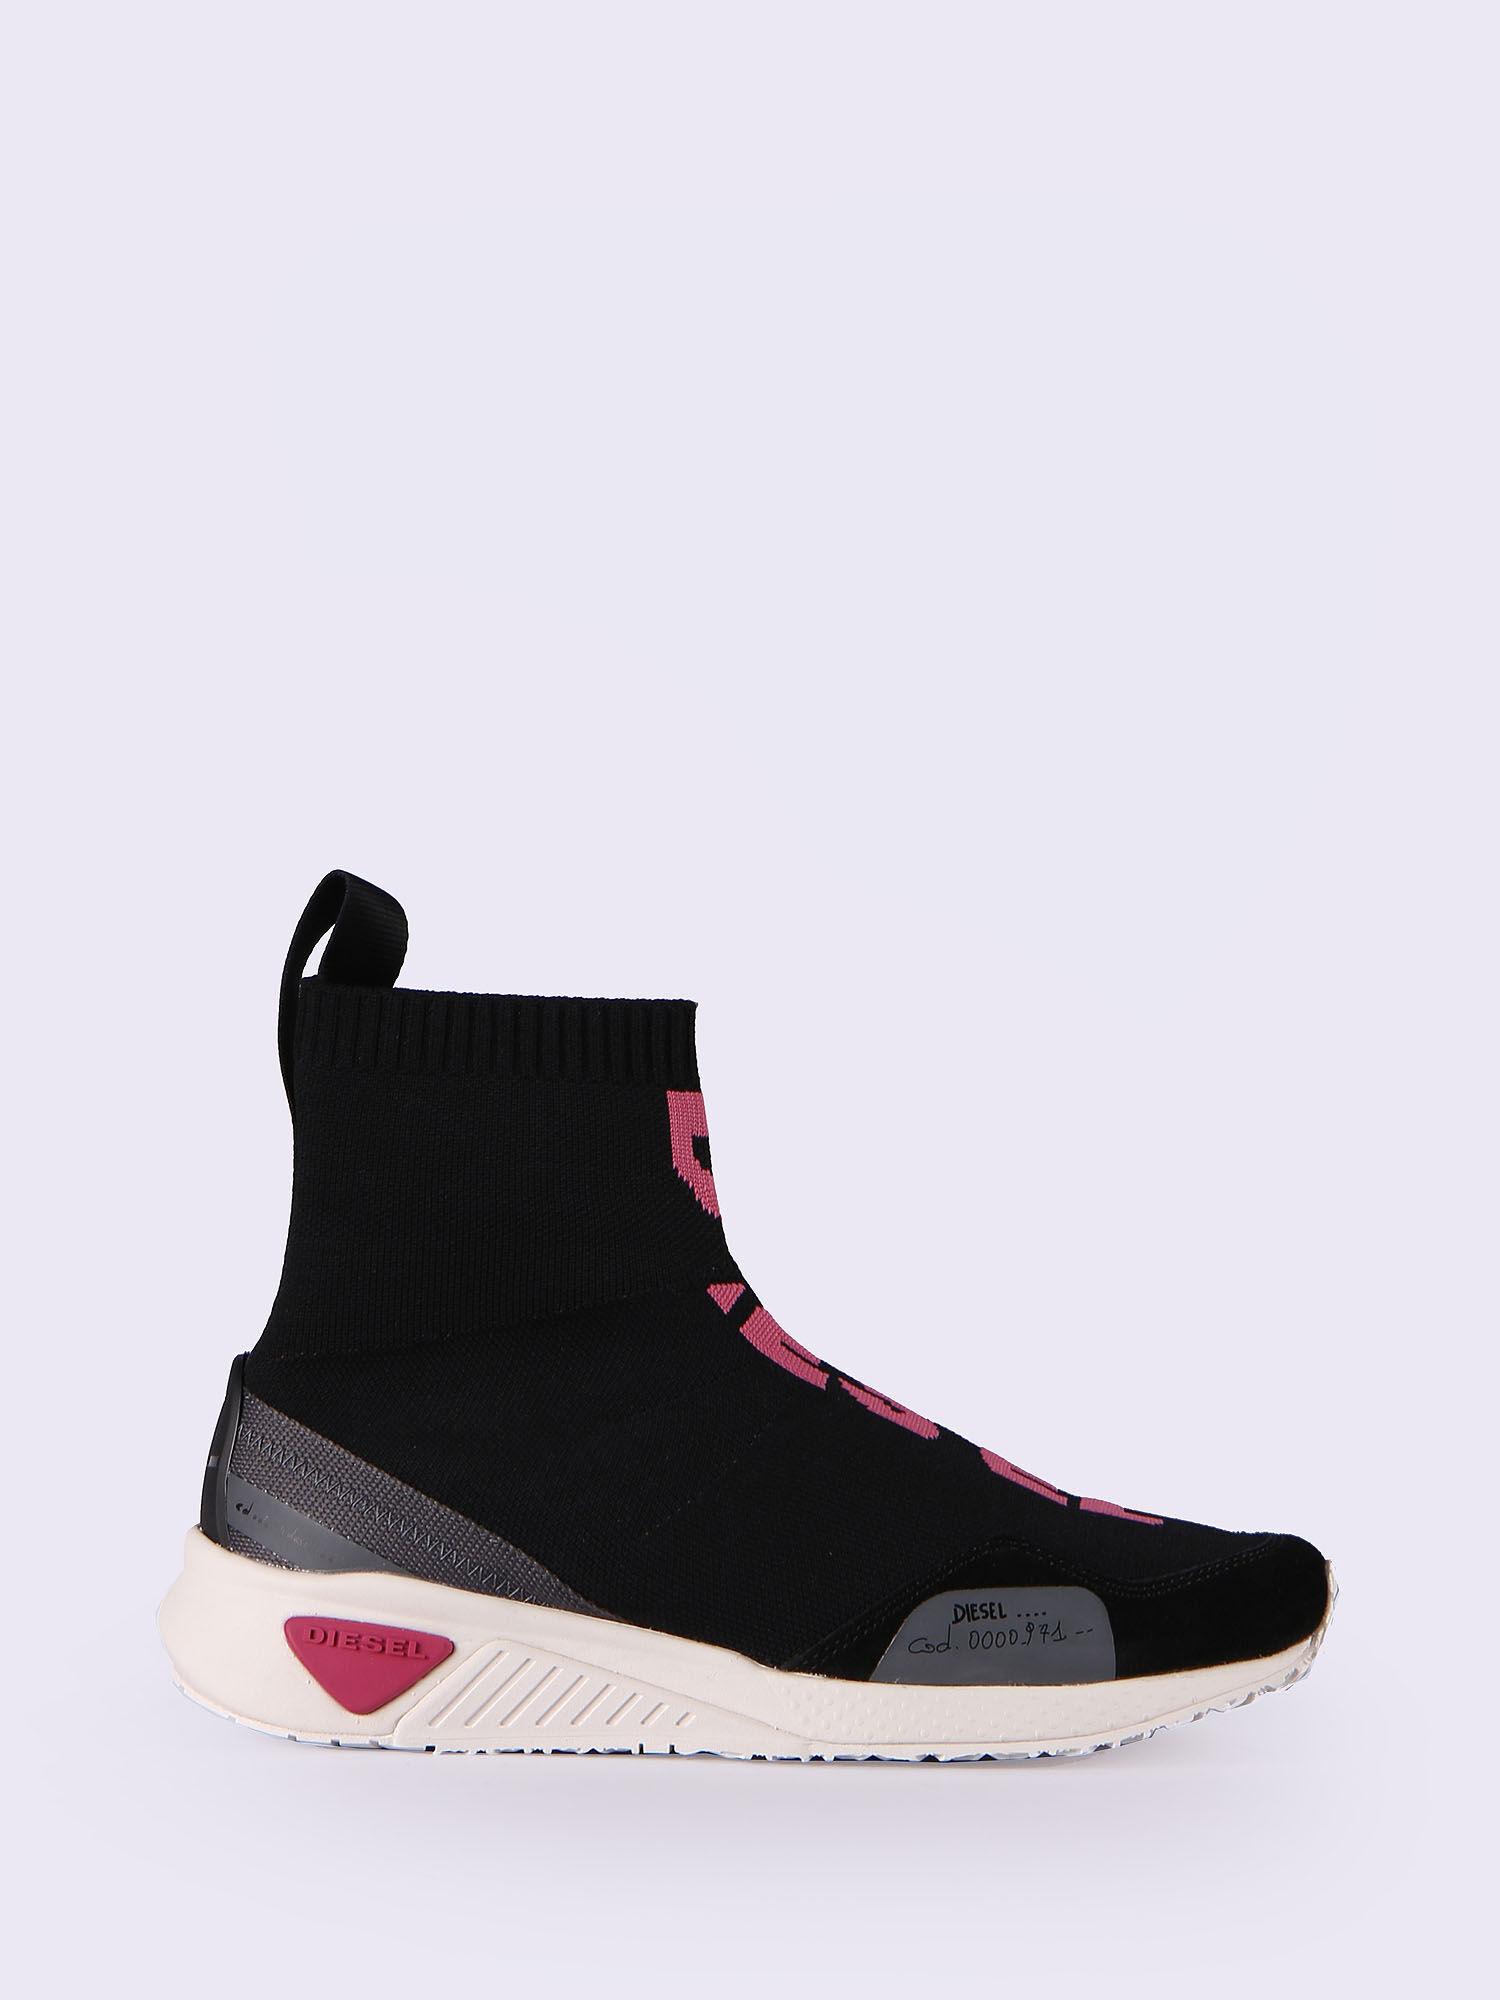 Diesel Black Knit Sock Chelsea Boots 5dwEYt